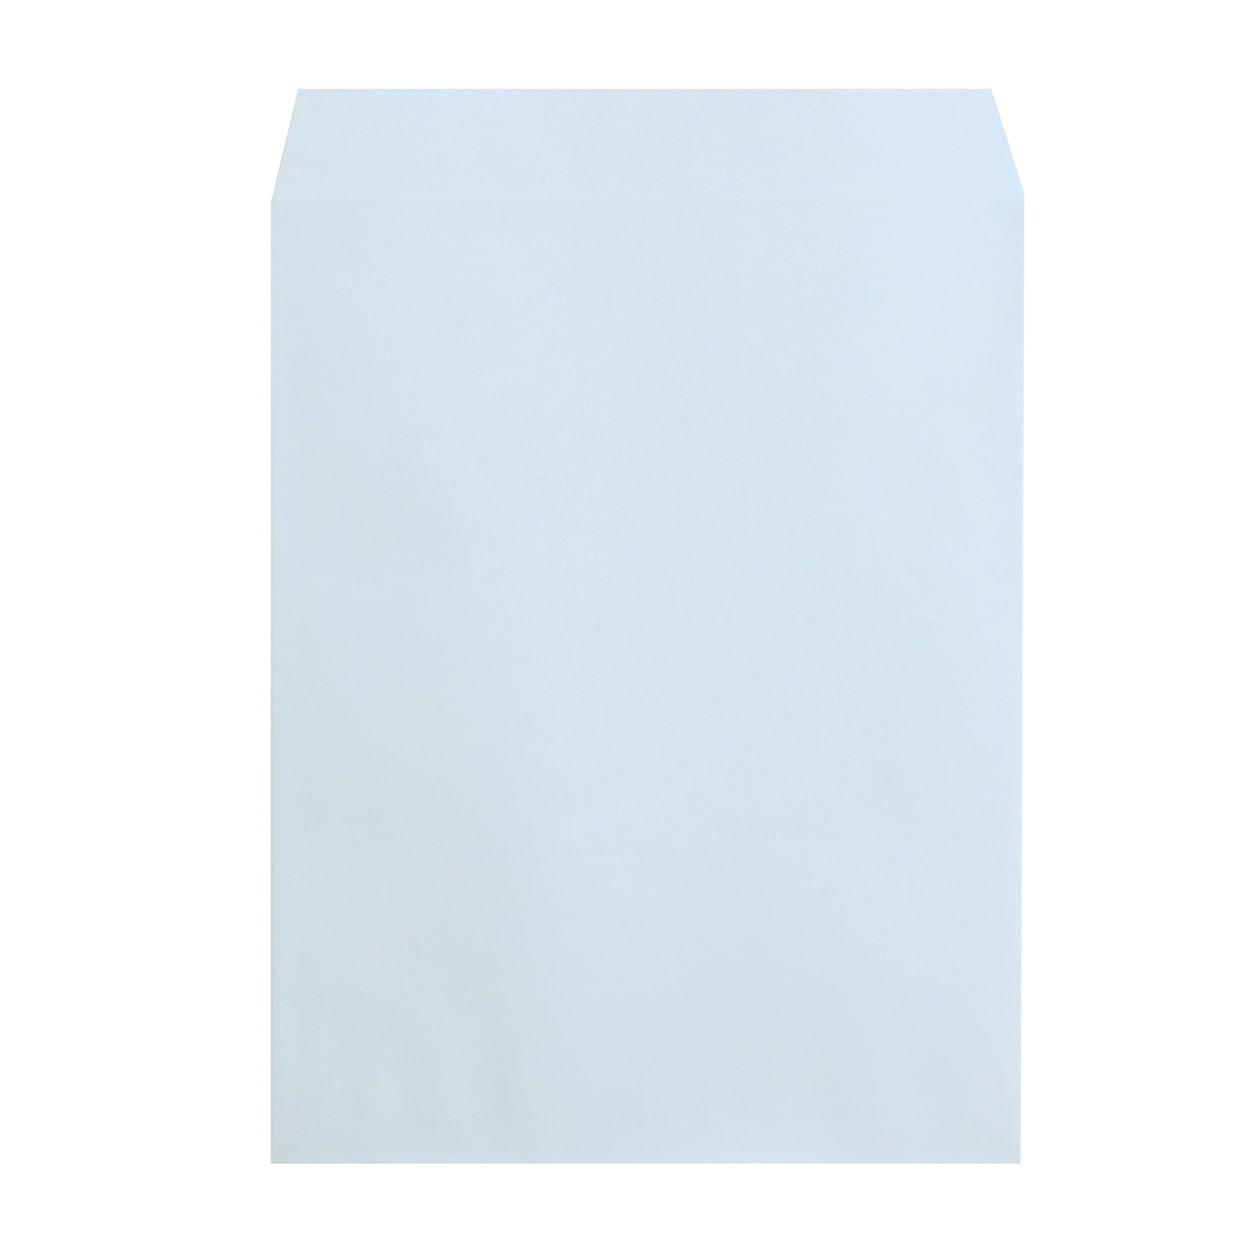 角3封筒 エコフレンドリーカラー アースブルー 100g